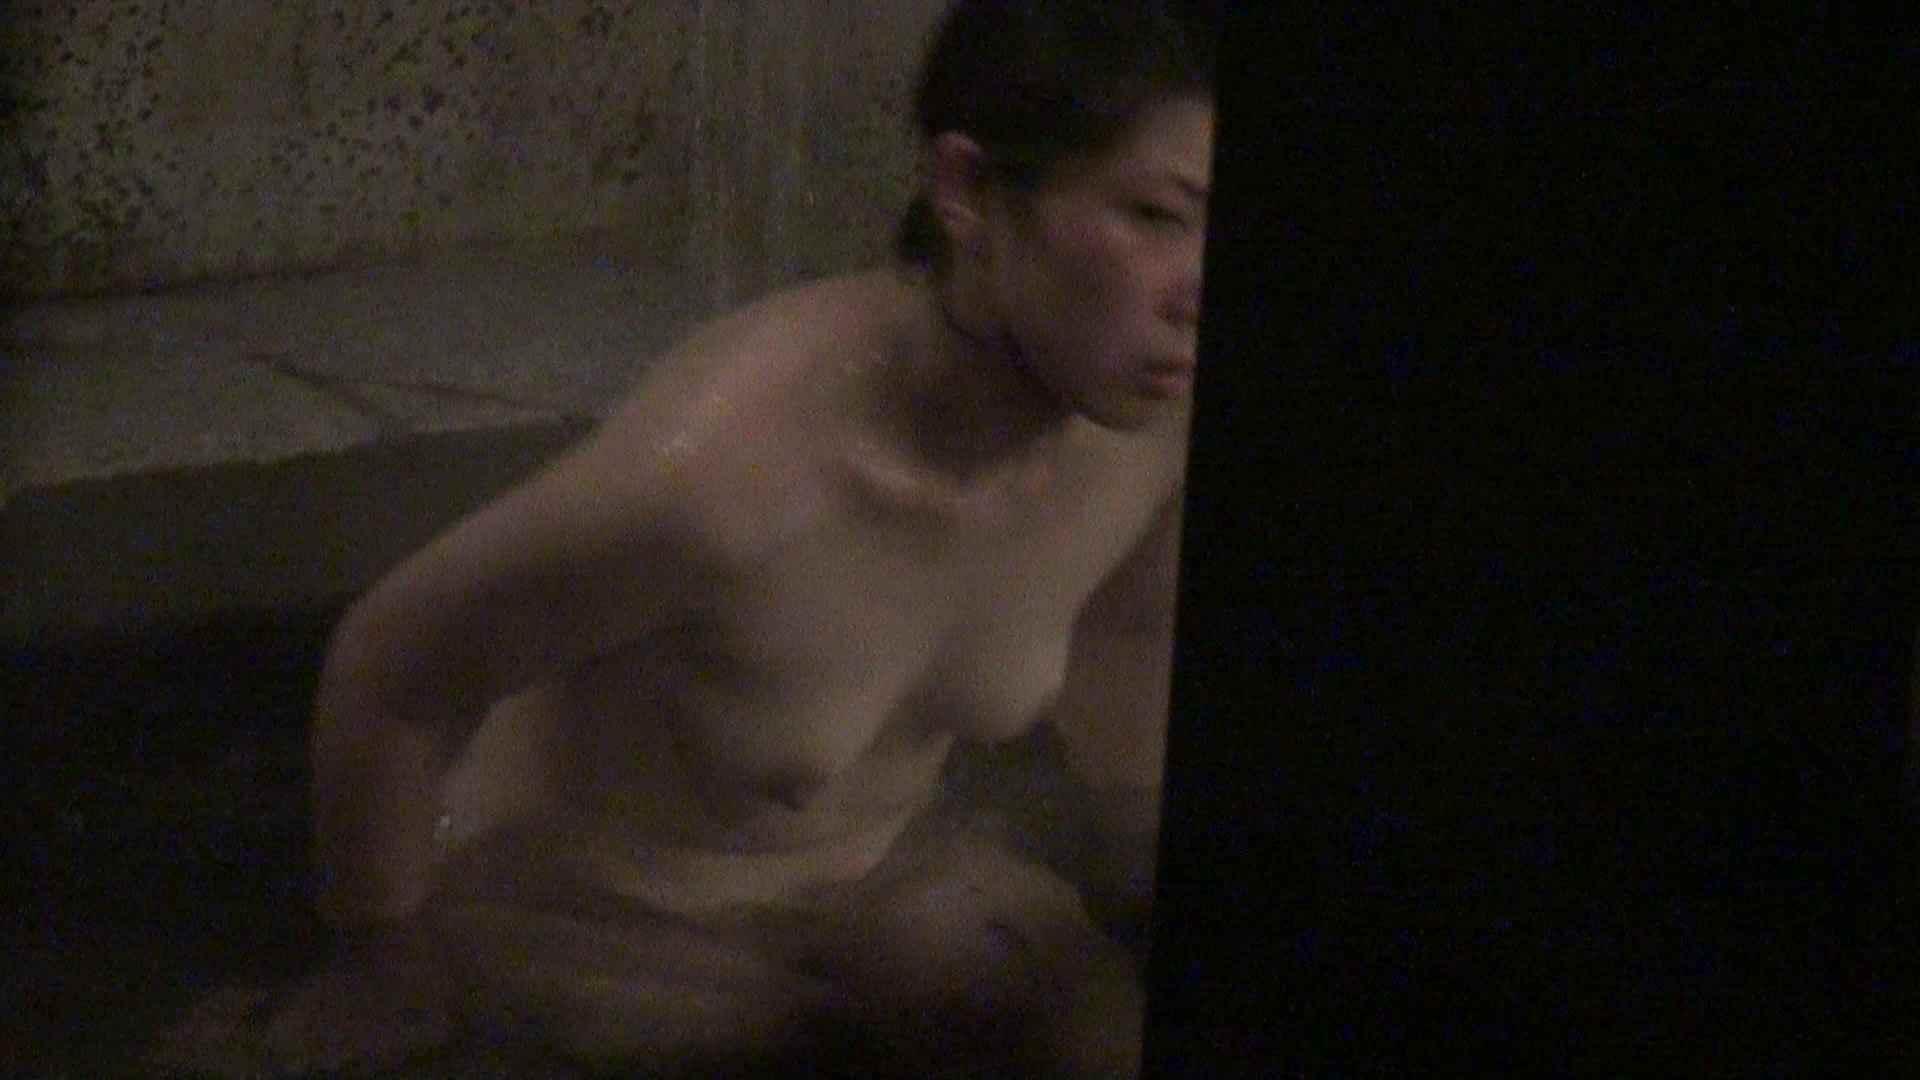 Aquaな露天風呂Vol.426 露天 | 盗撮  106画像 76